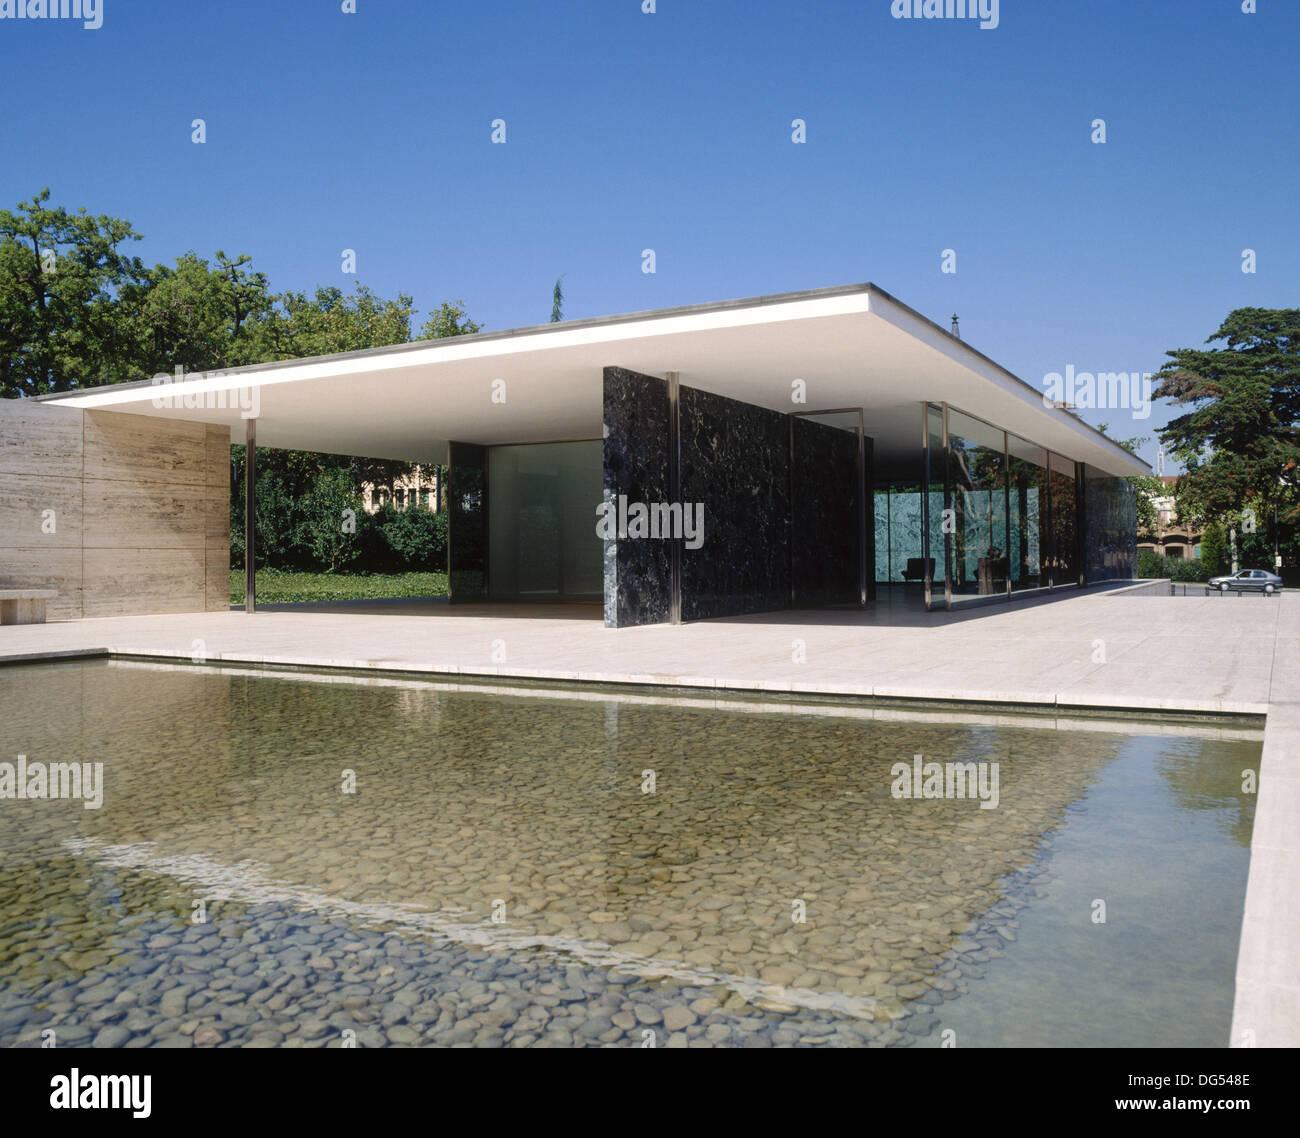 Die fundaci mies van der rohe deutscher pavillon f r die internationale ausstellung von 1929 - Architekt barcelona ...